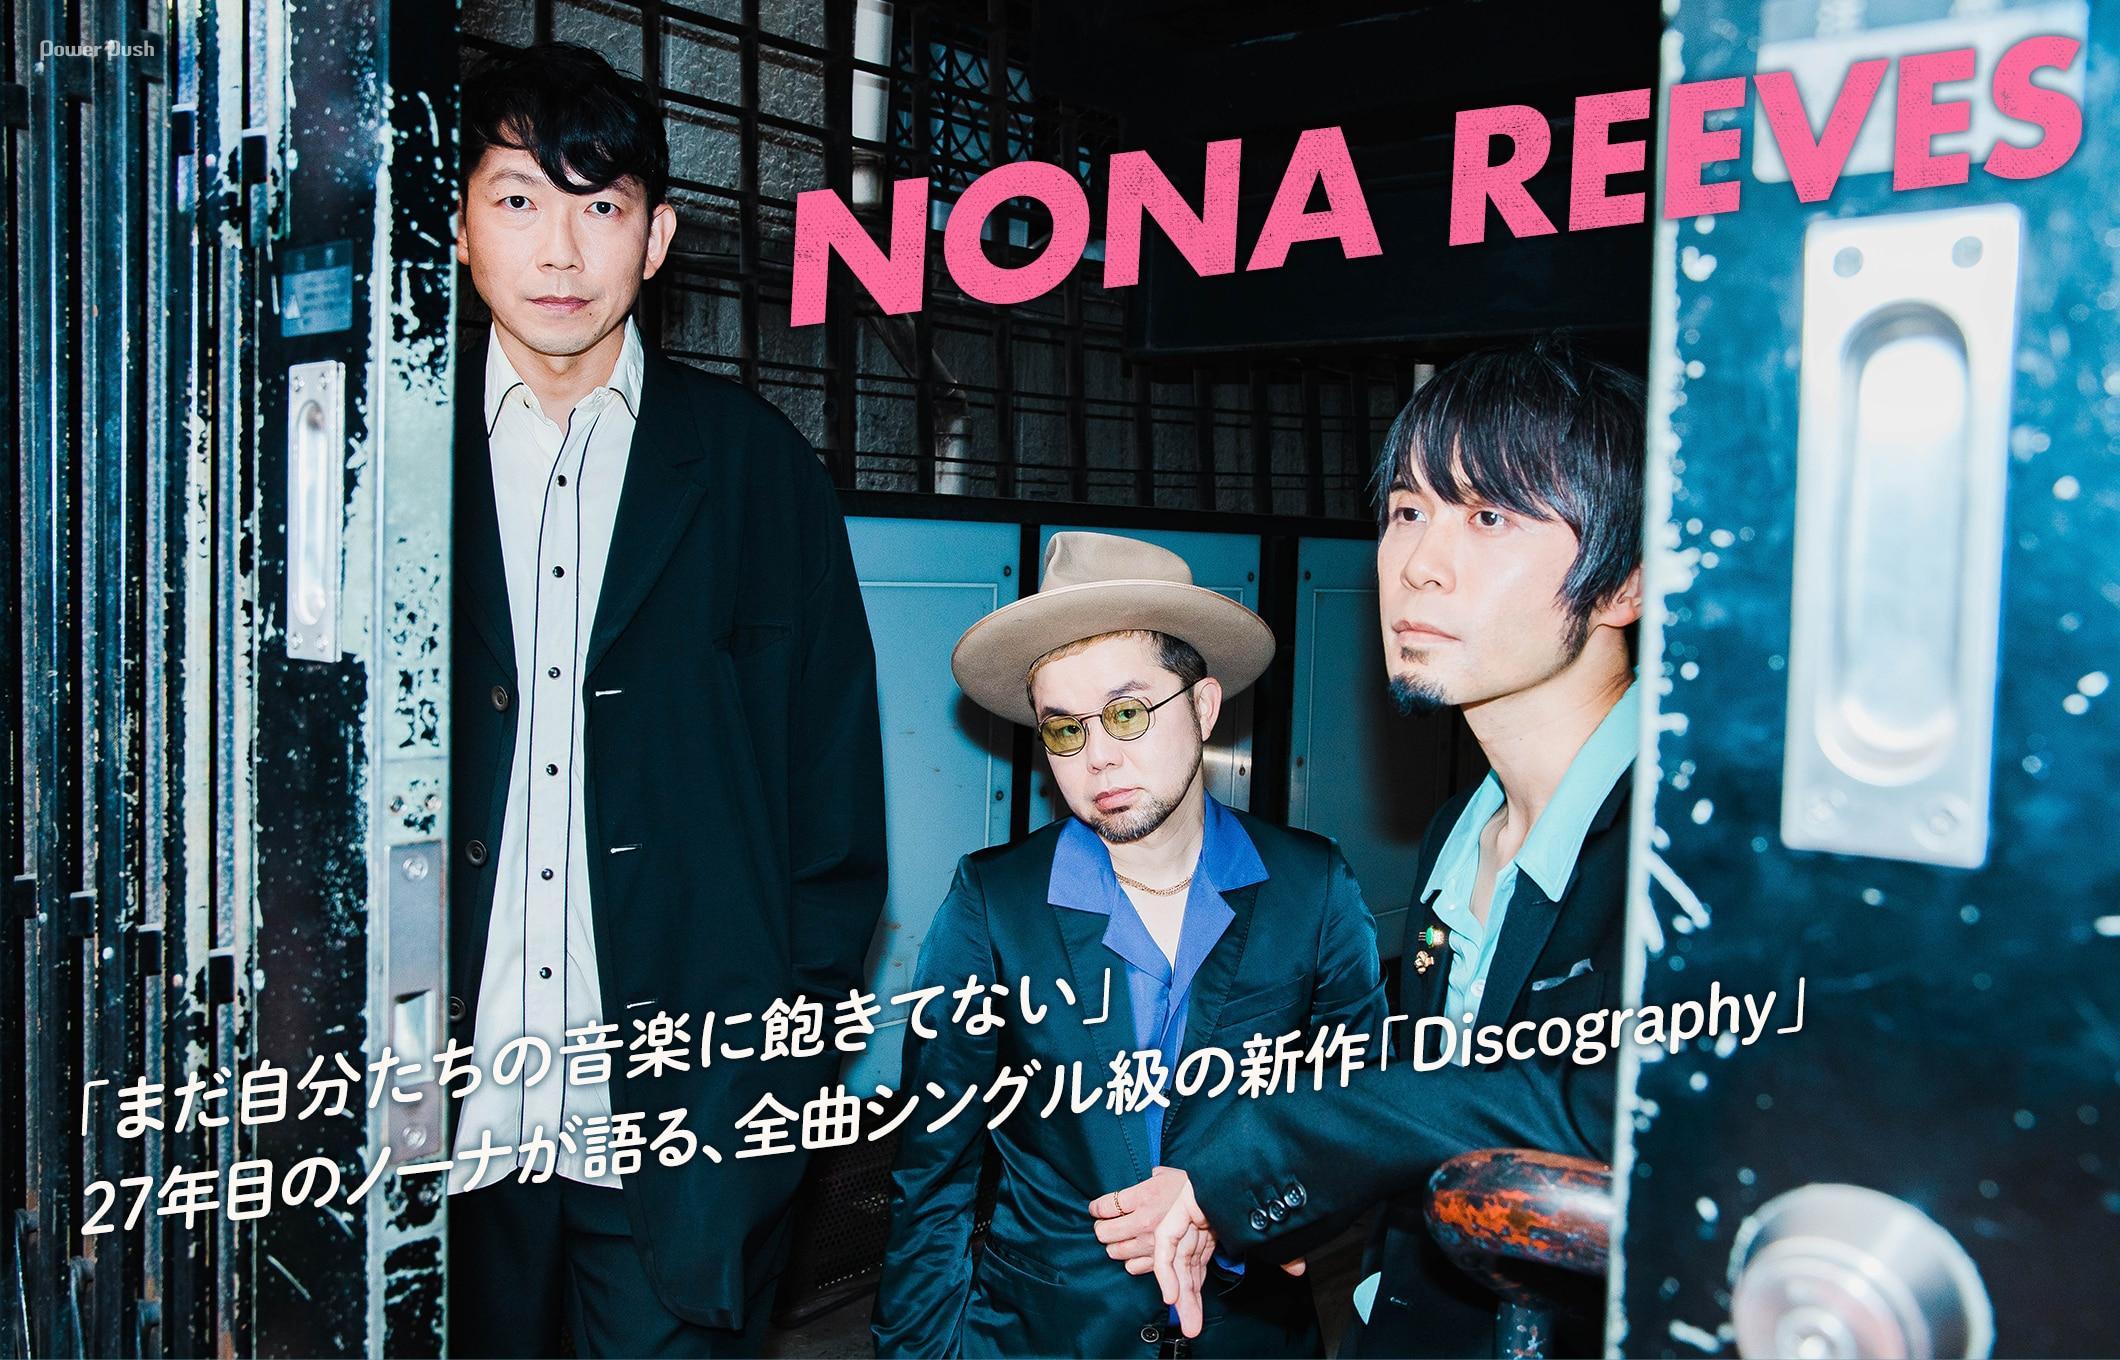 NONA REEVES|「まだ自分たちの音楽に飽きてない」27年目のノーナが語る、全曲シングル級の新作「Discography」